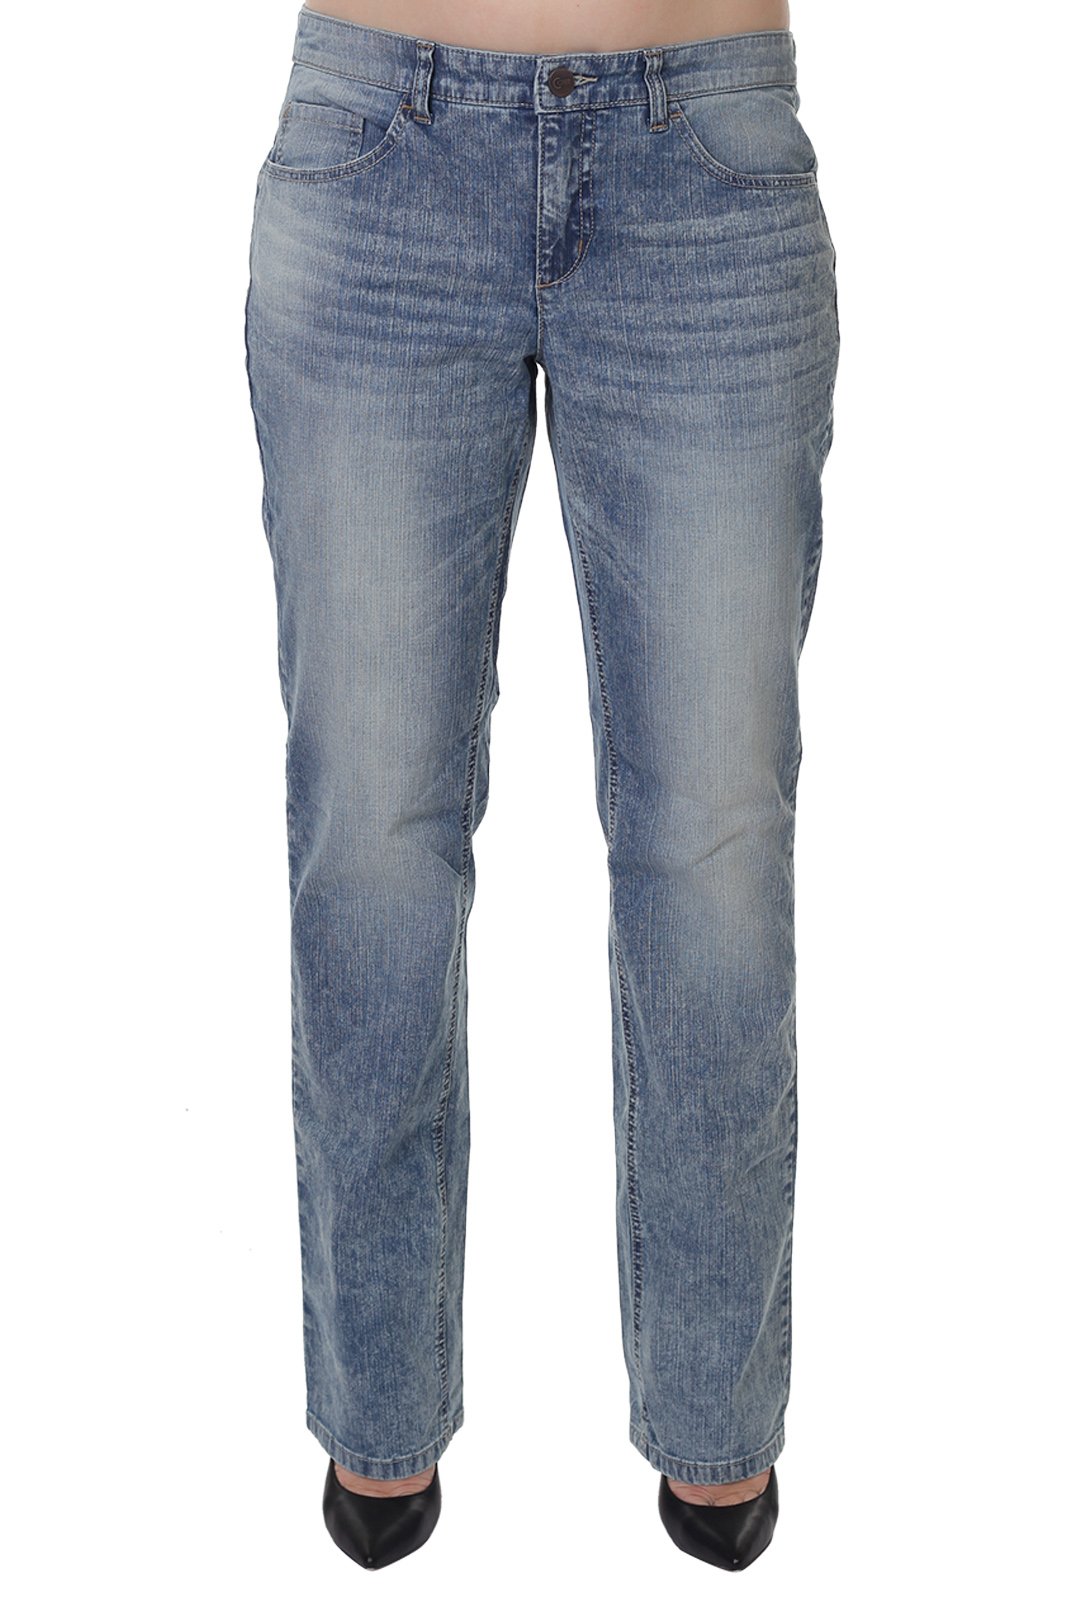 Прямые женские джинсы трубы от ТМ Sheego Denim.